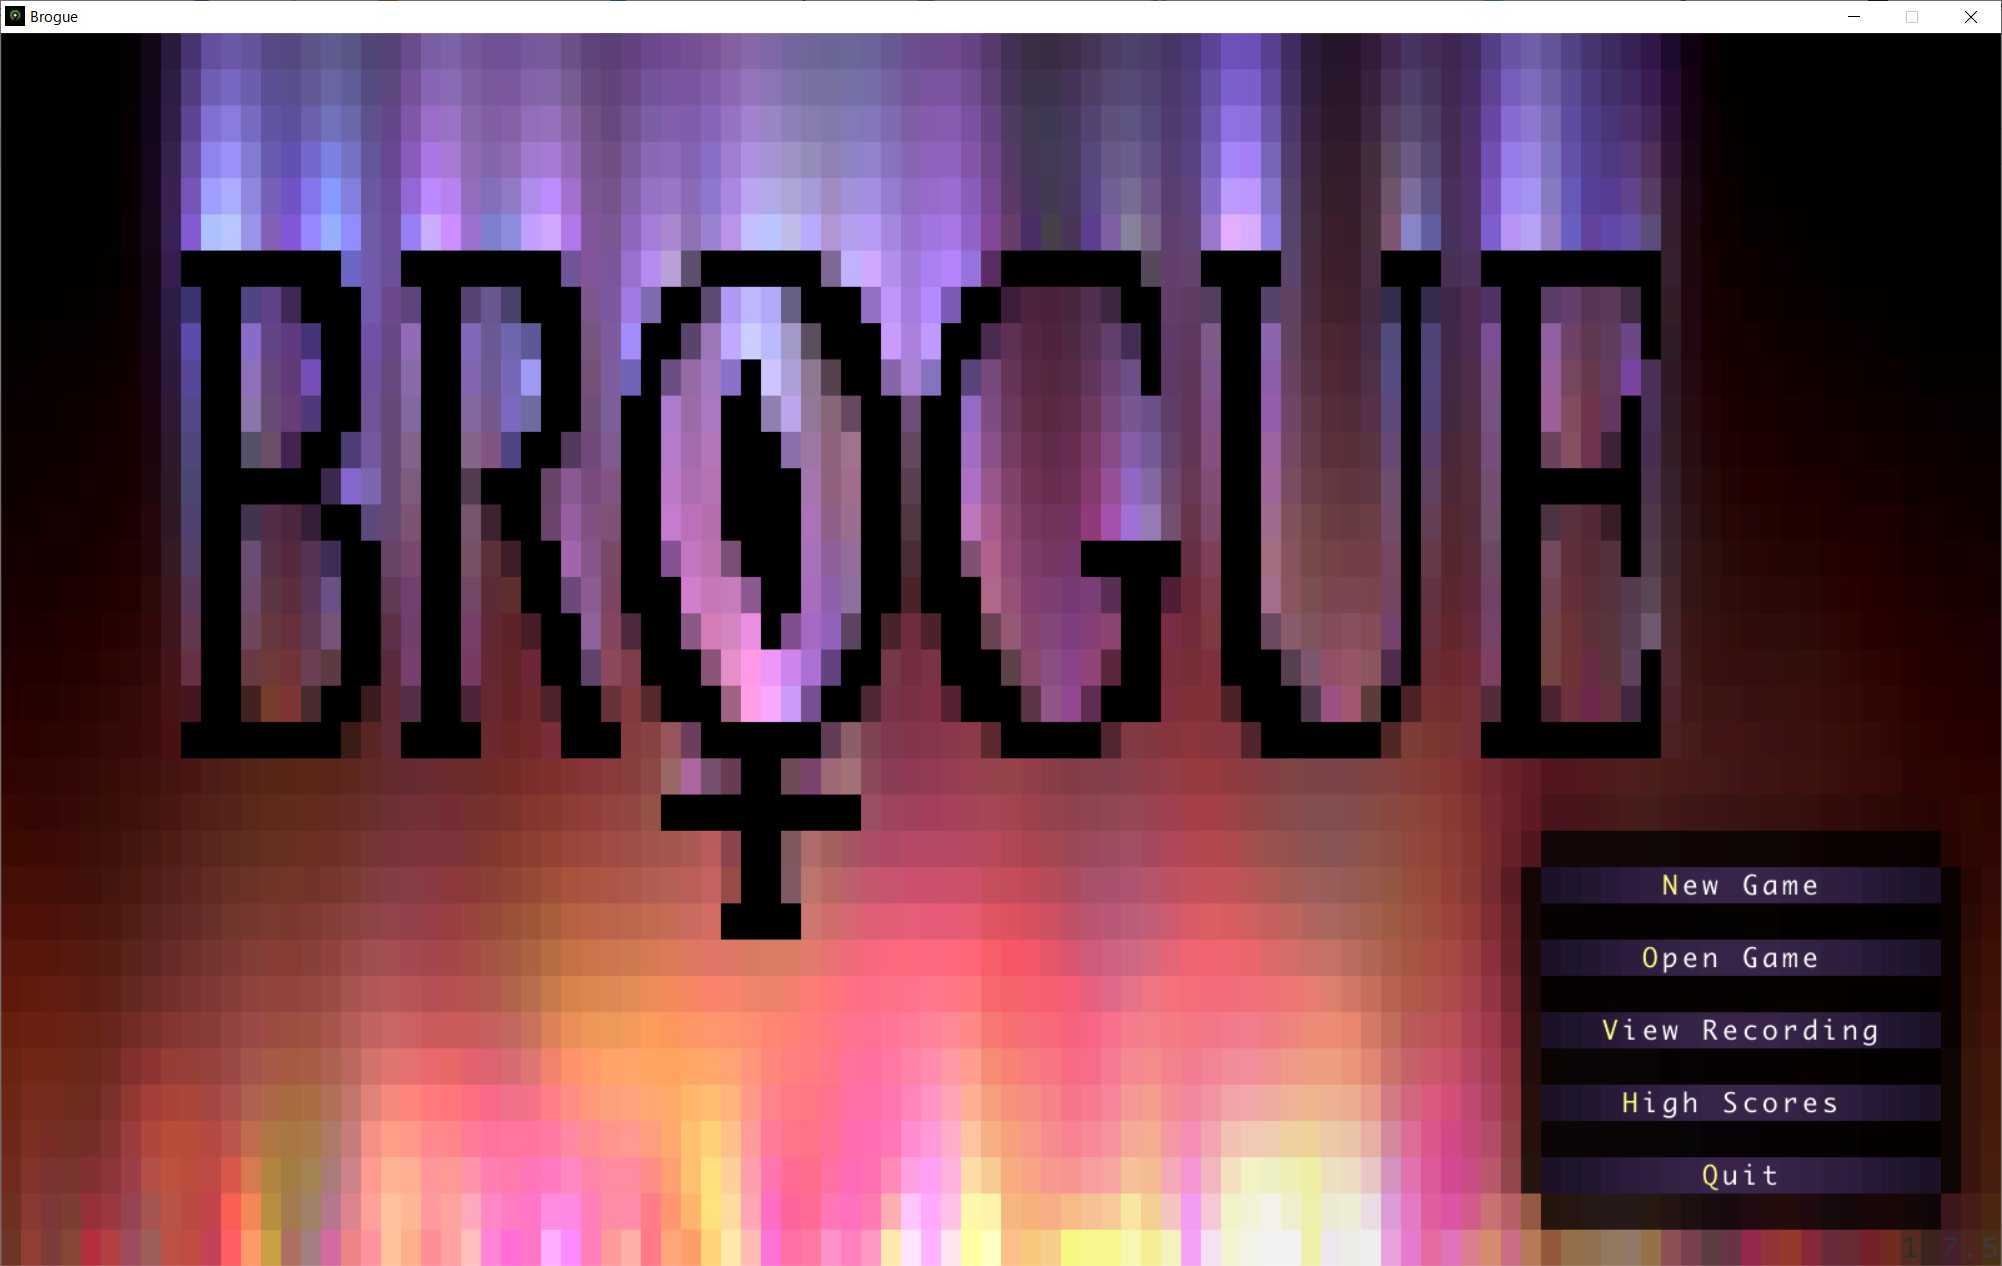 brogue.png